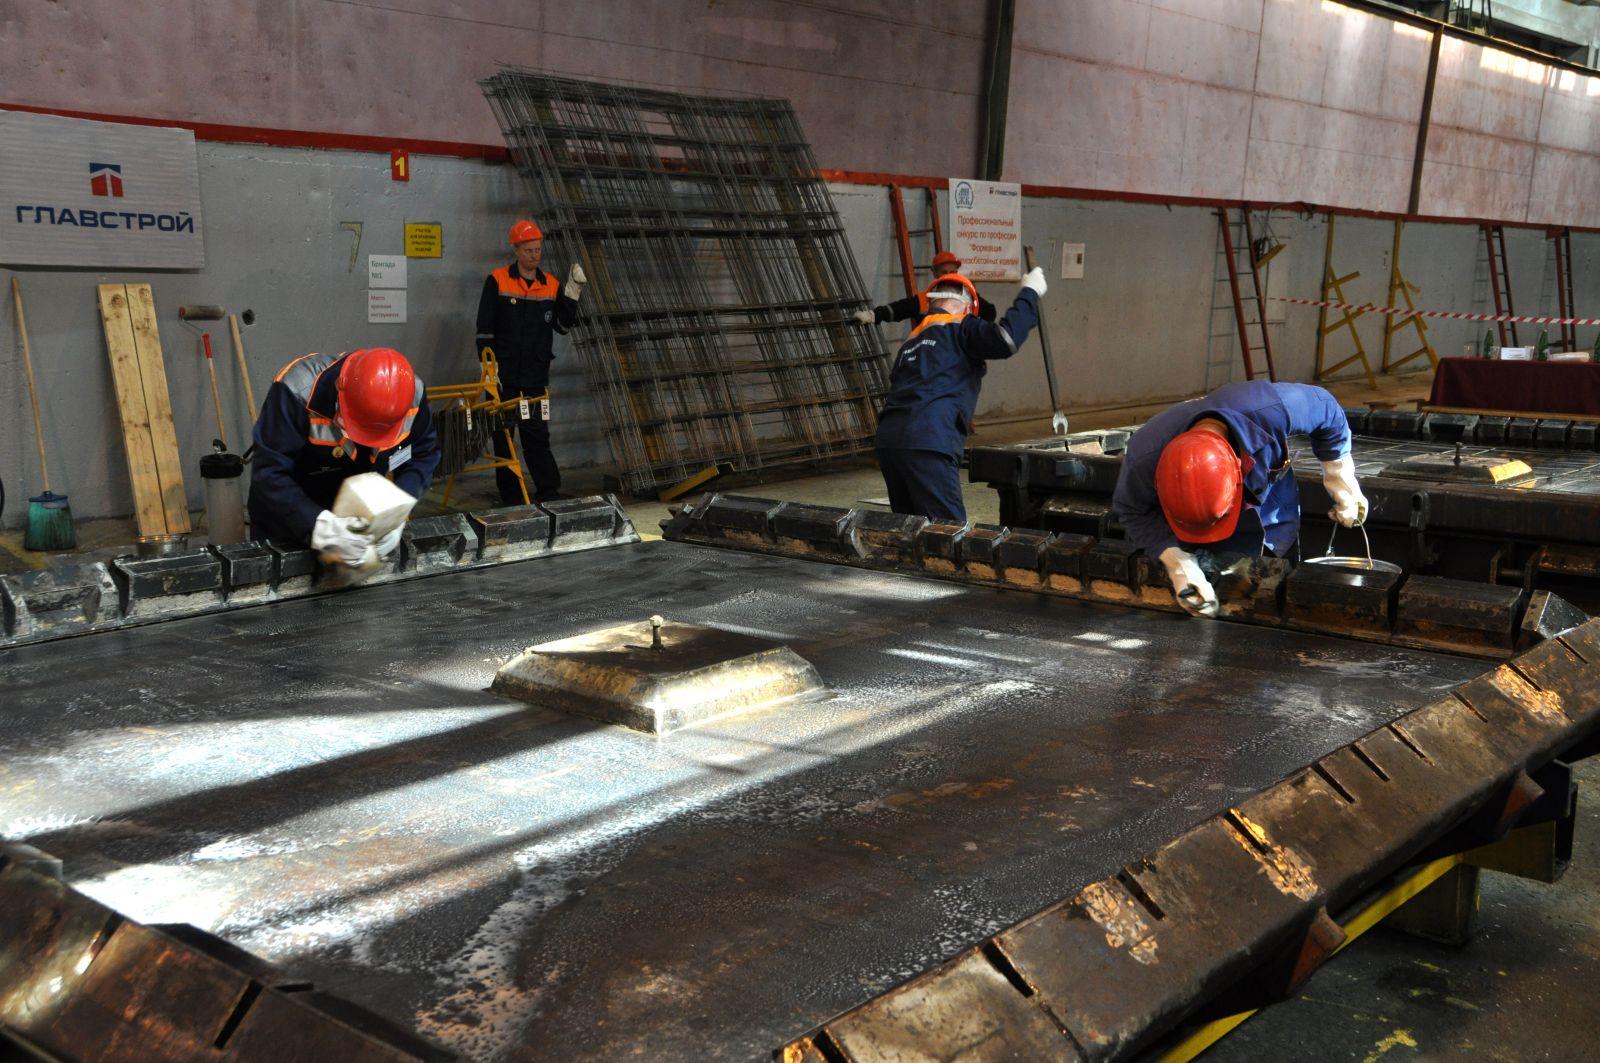 Формовщики ЖБИ занимаются изготовлением конструкции